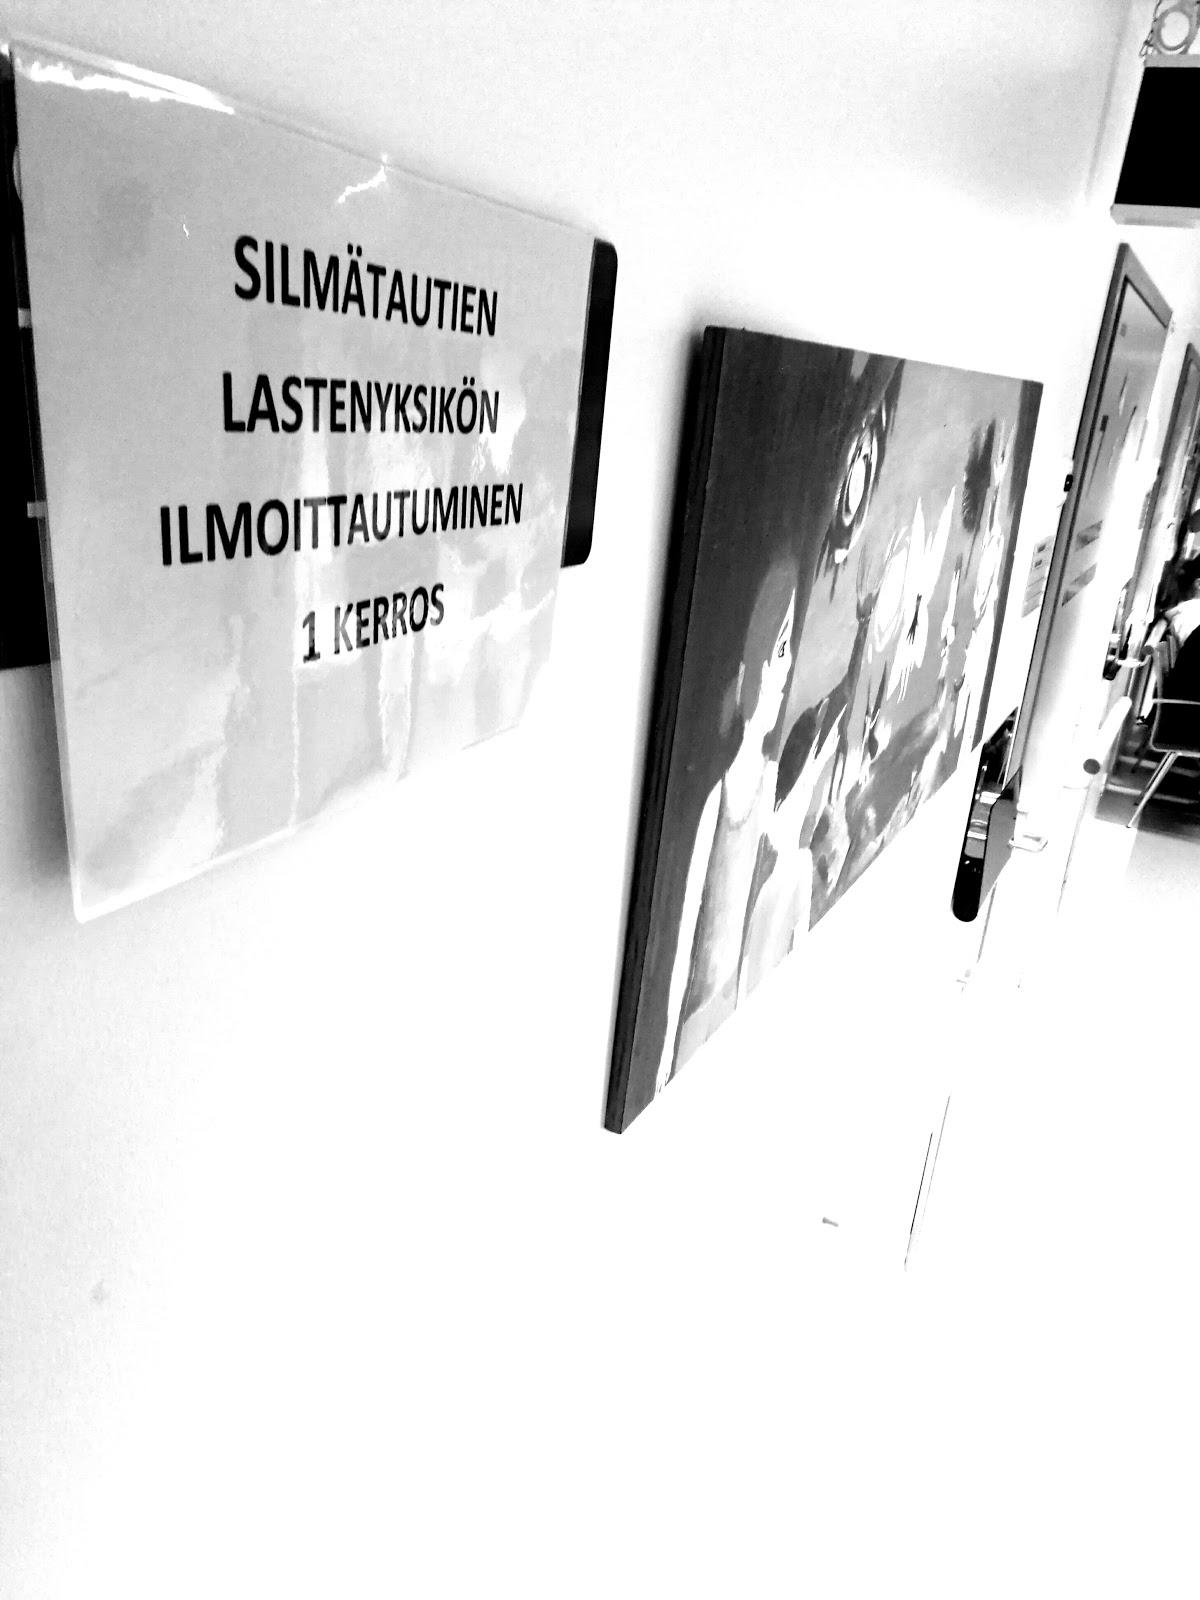 Saippuakuplia olohuoneessa -blogi, kuva Hanna Poikkilehto, silmätautien lastenyksikkö, Helsinki, Meilahti, Lapsen kehitys, Taapero, Lapsi, Neuvola, silmälasit,